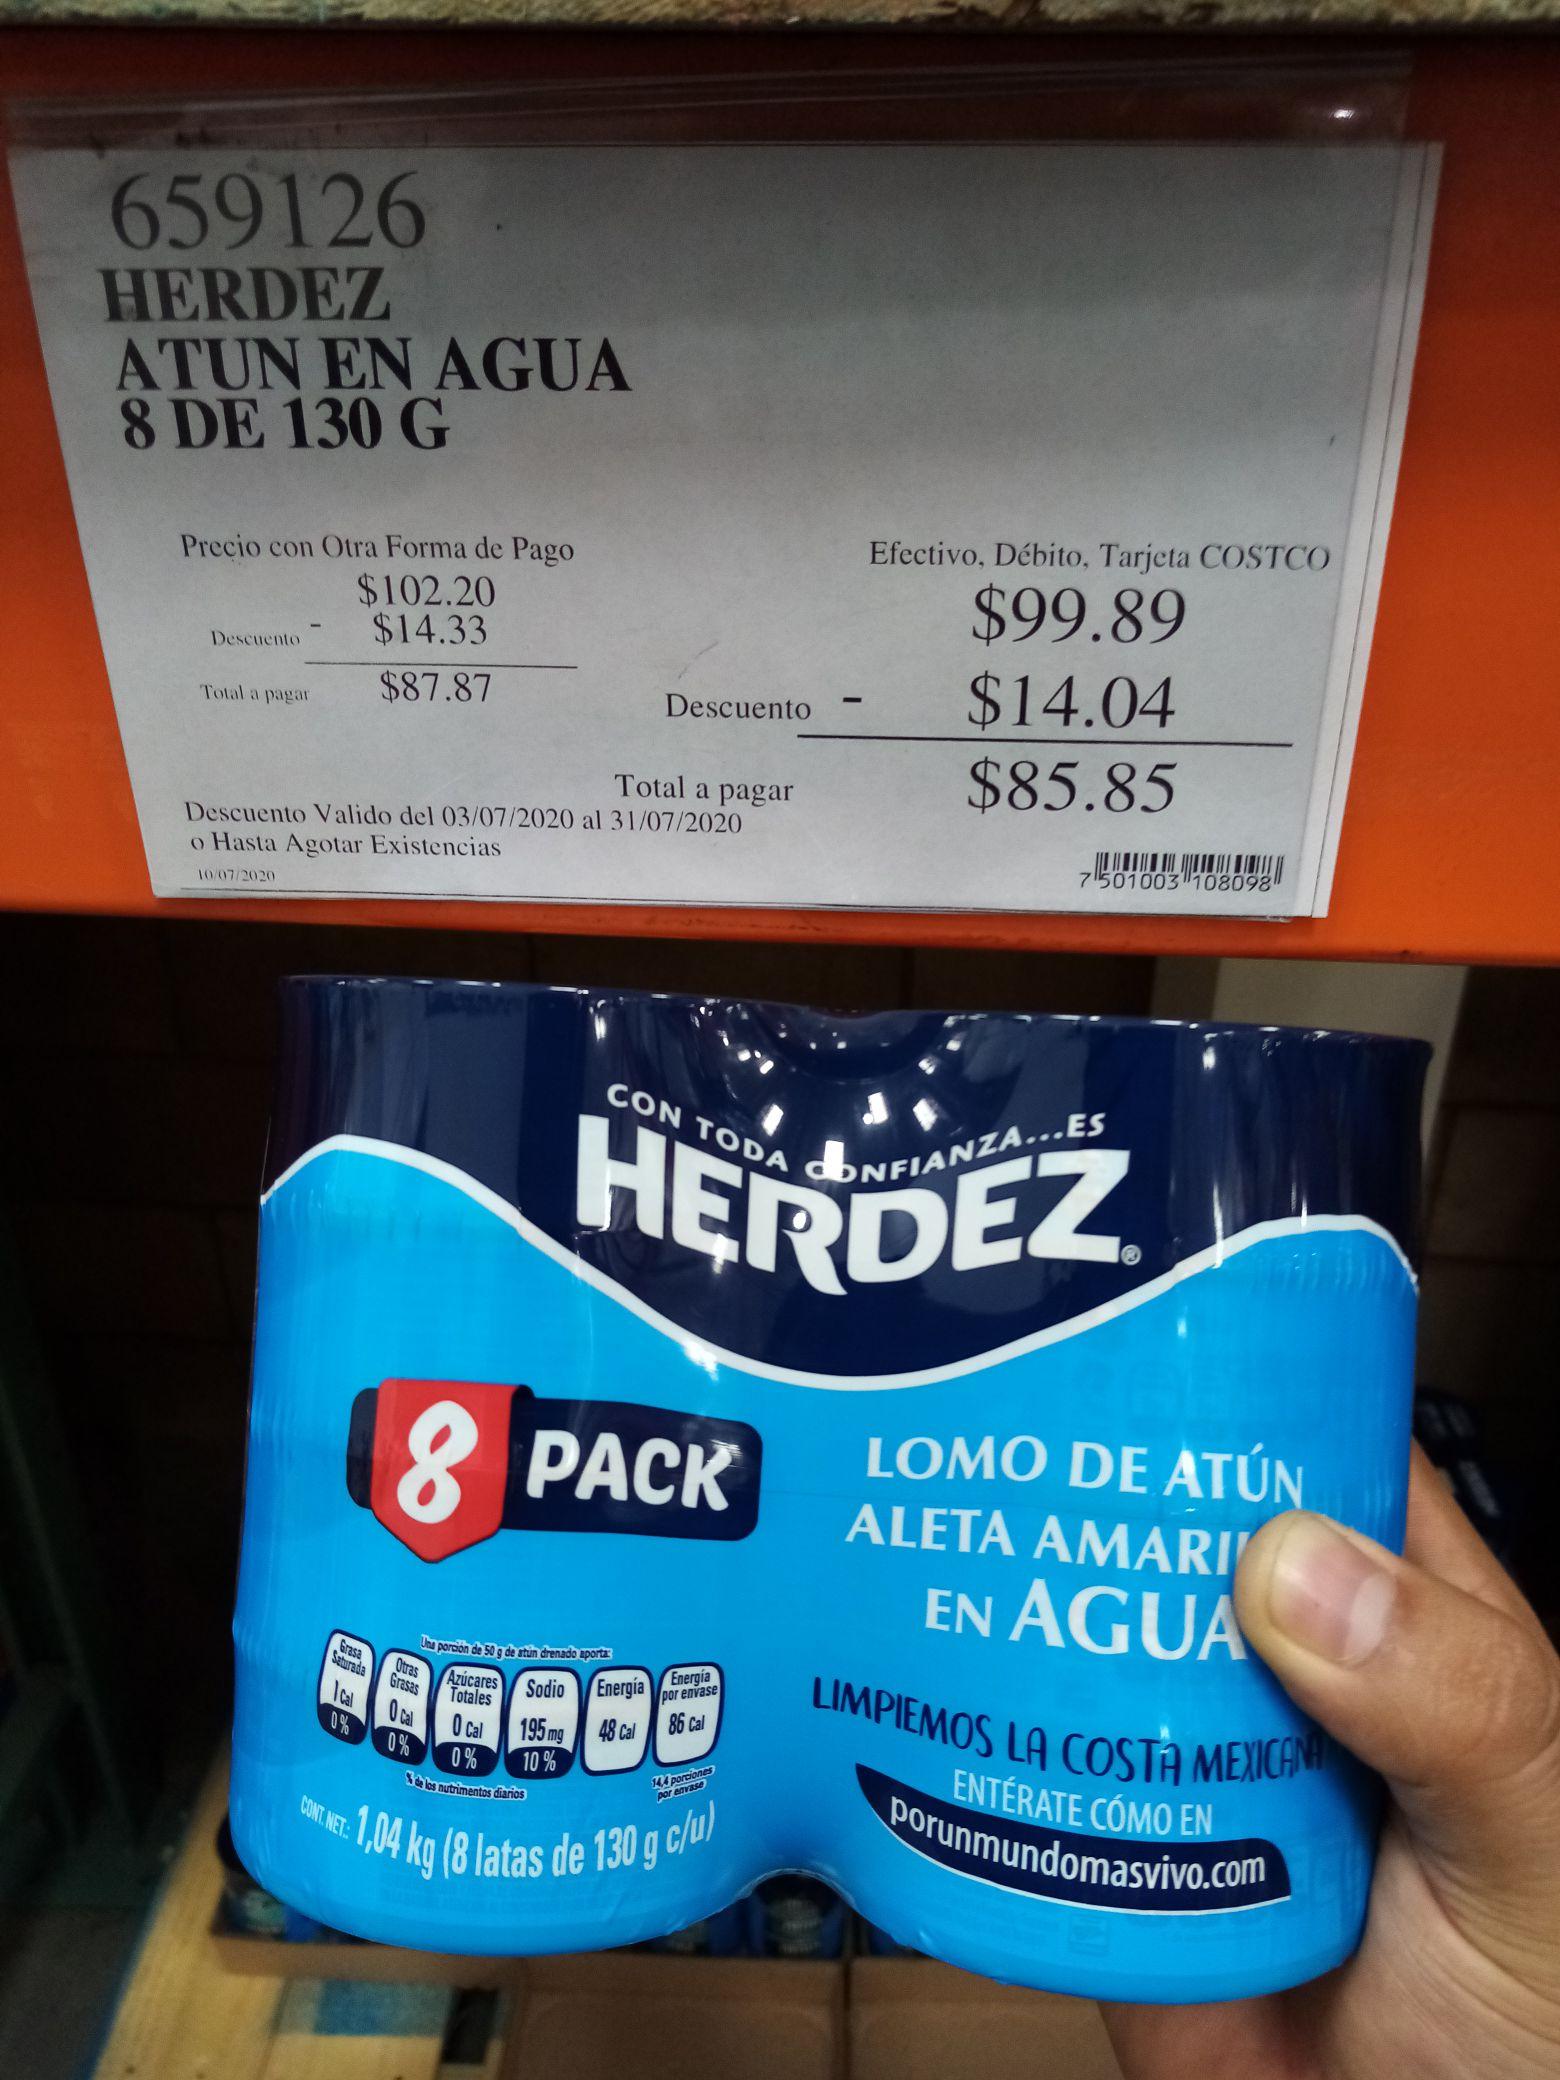 Costco: Atun en agua Herdez 8 pack $85.85 ($10.73 por Pieza)